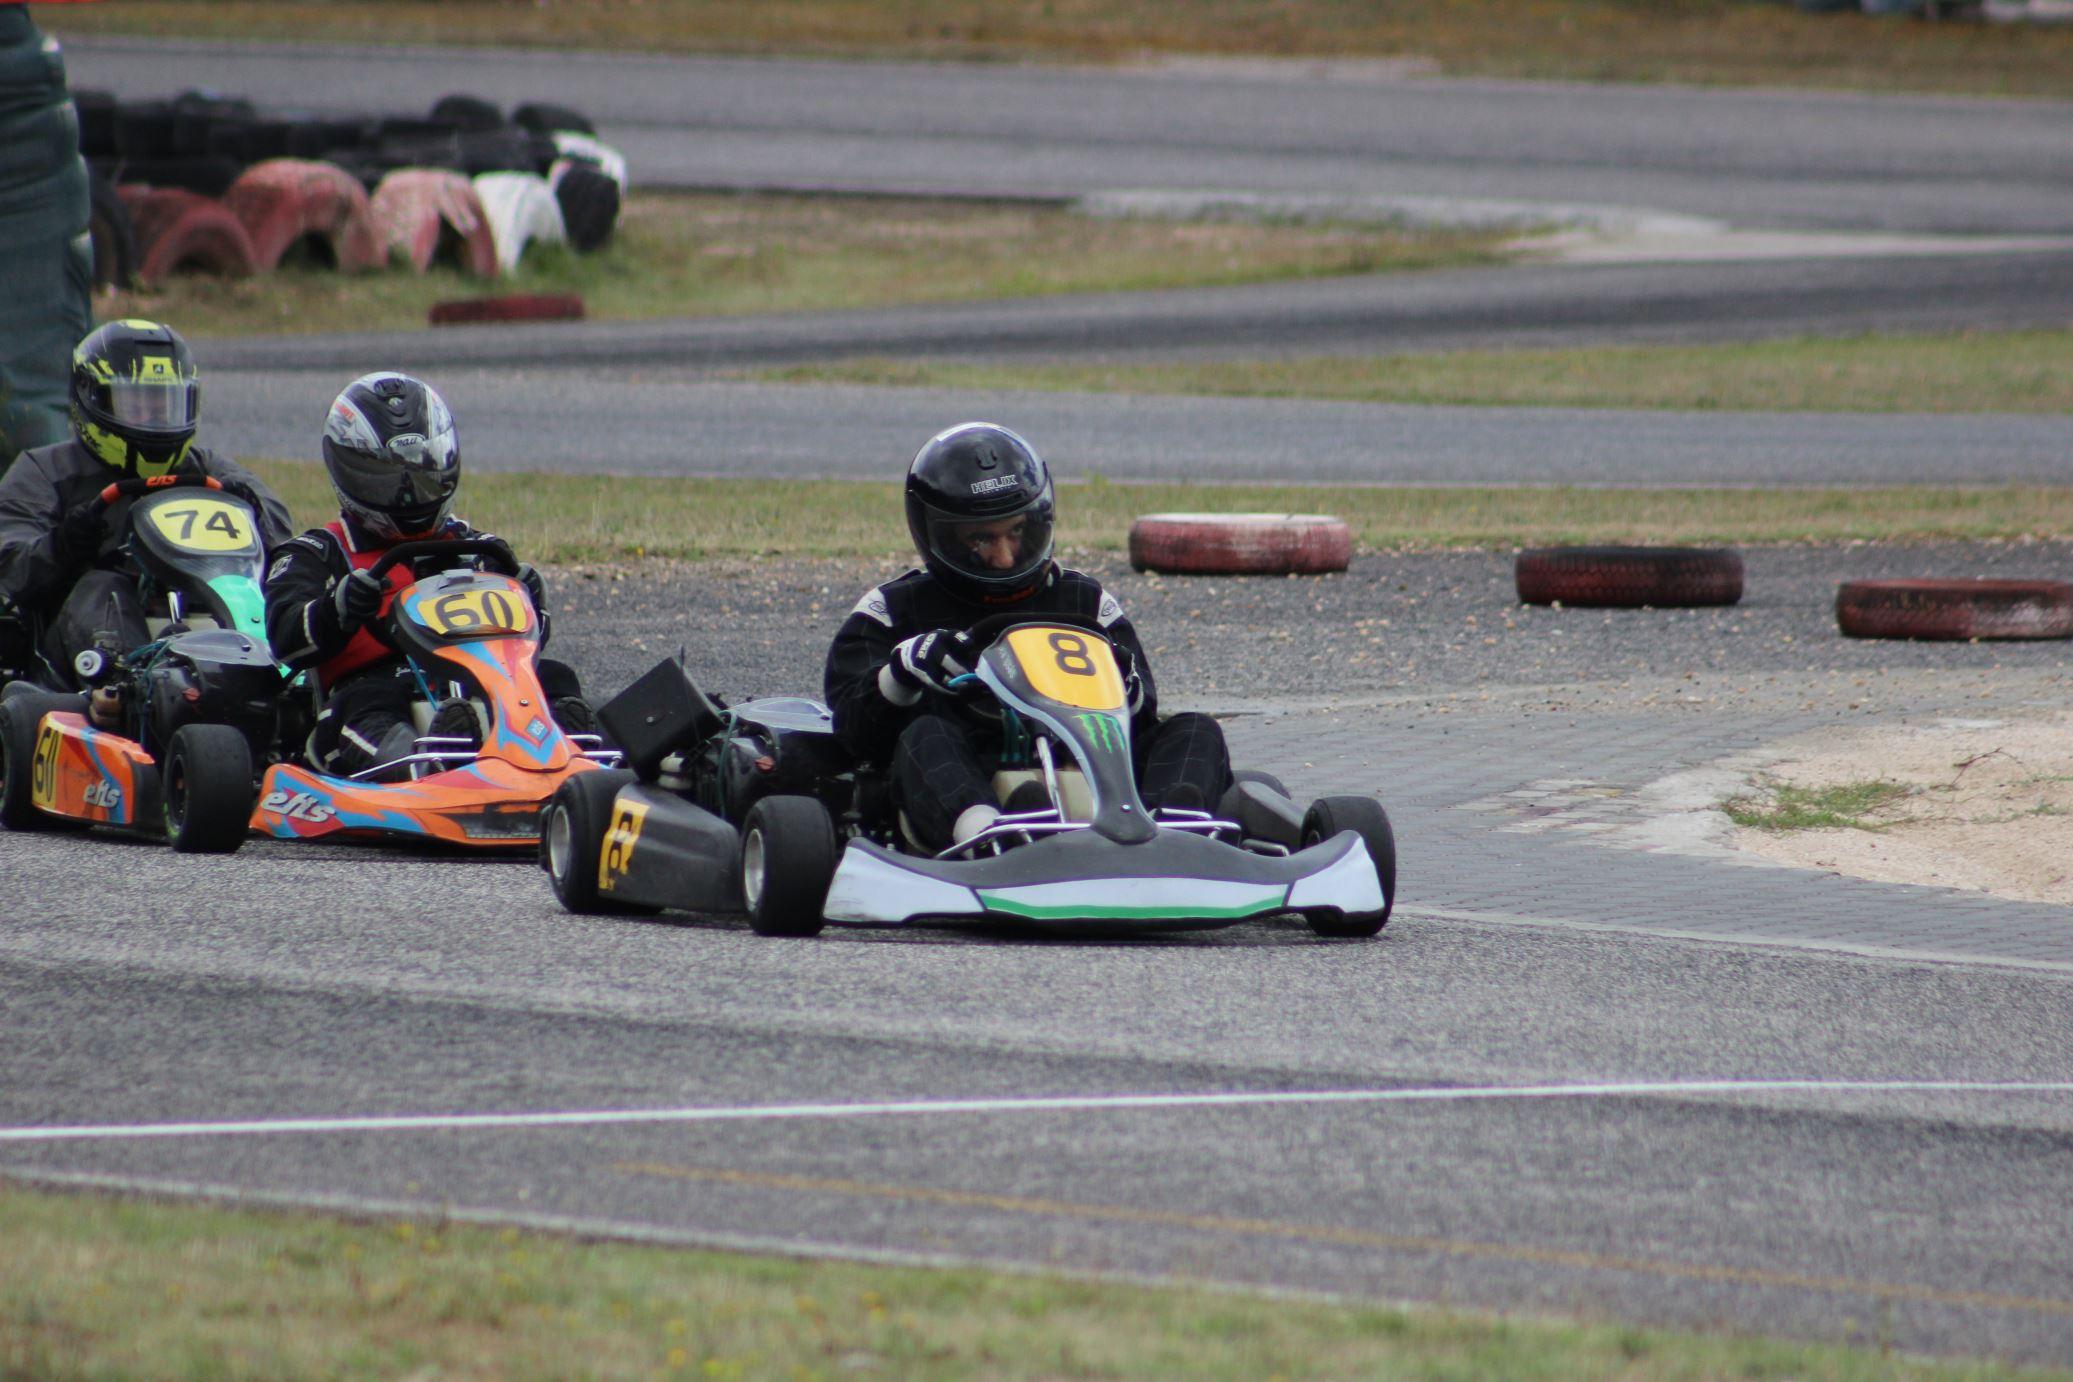 Troféu Honda 2014 - 2ª Prova176